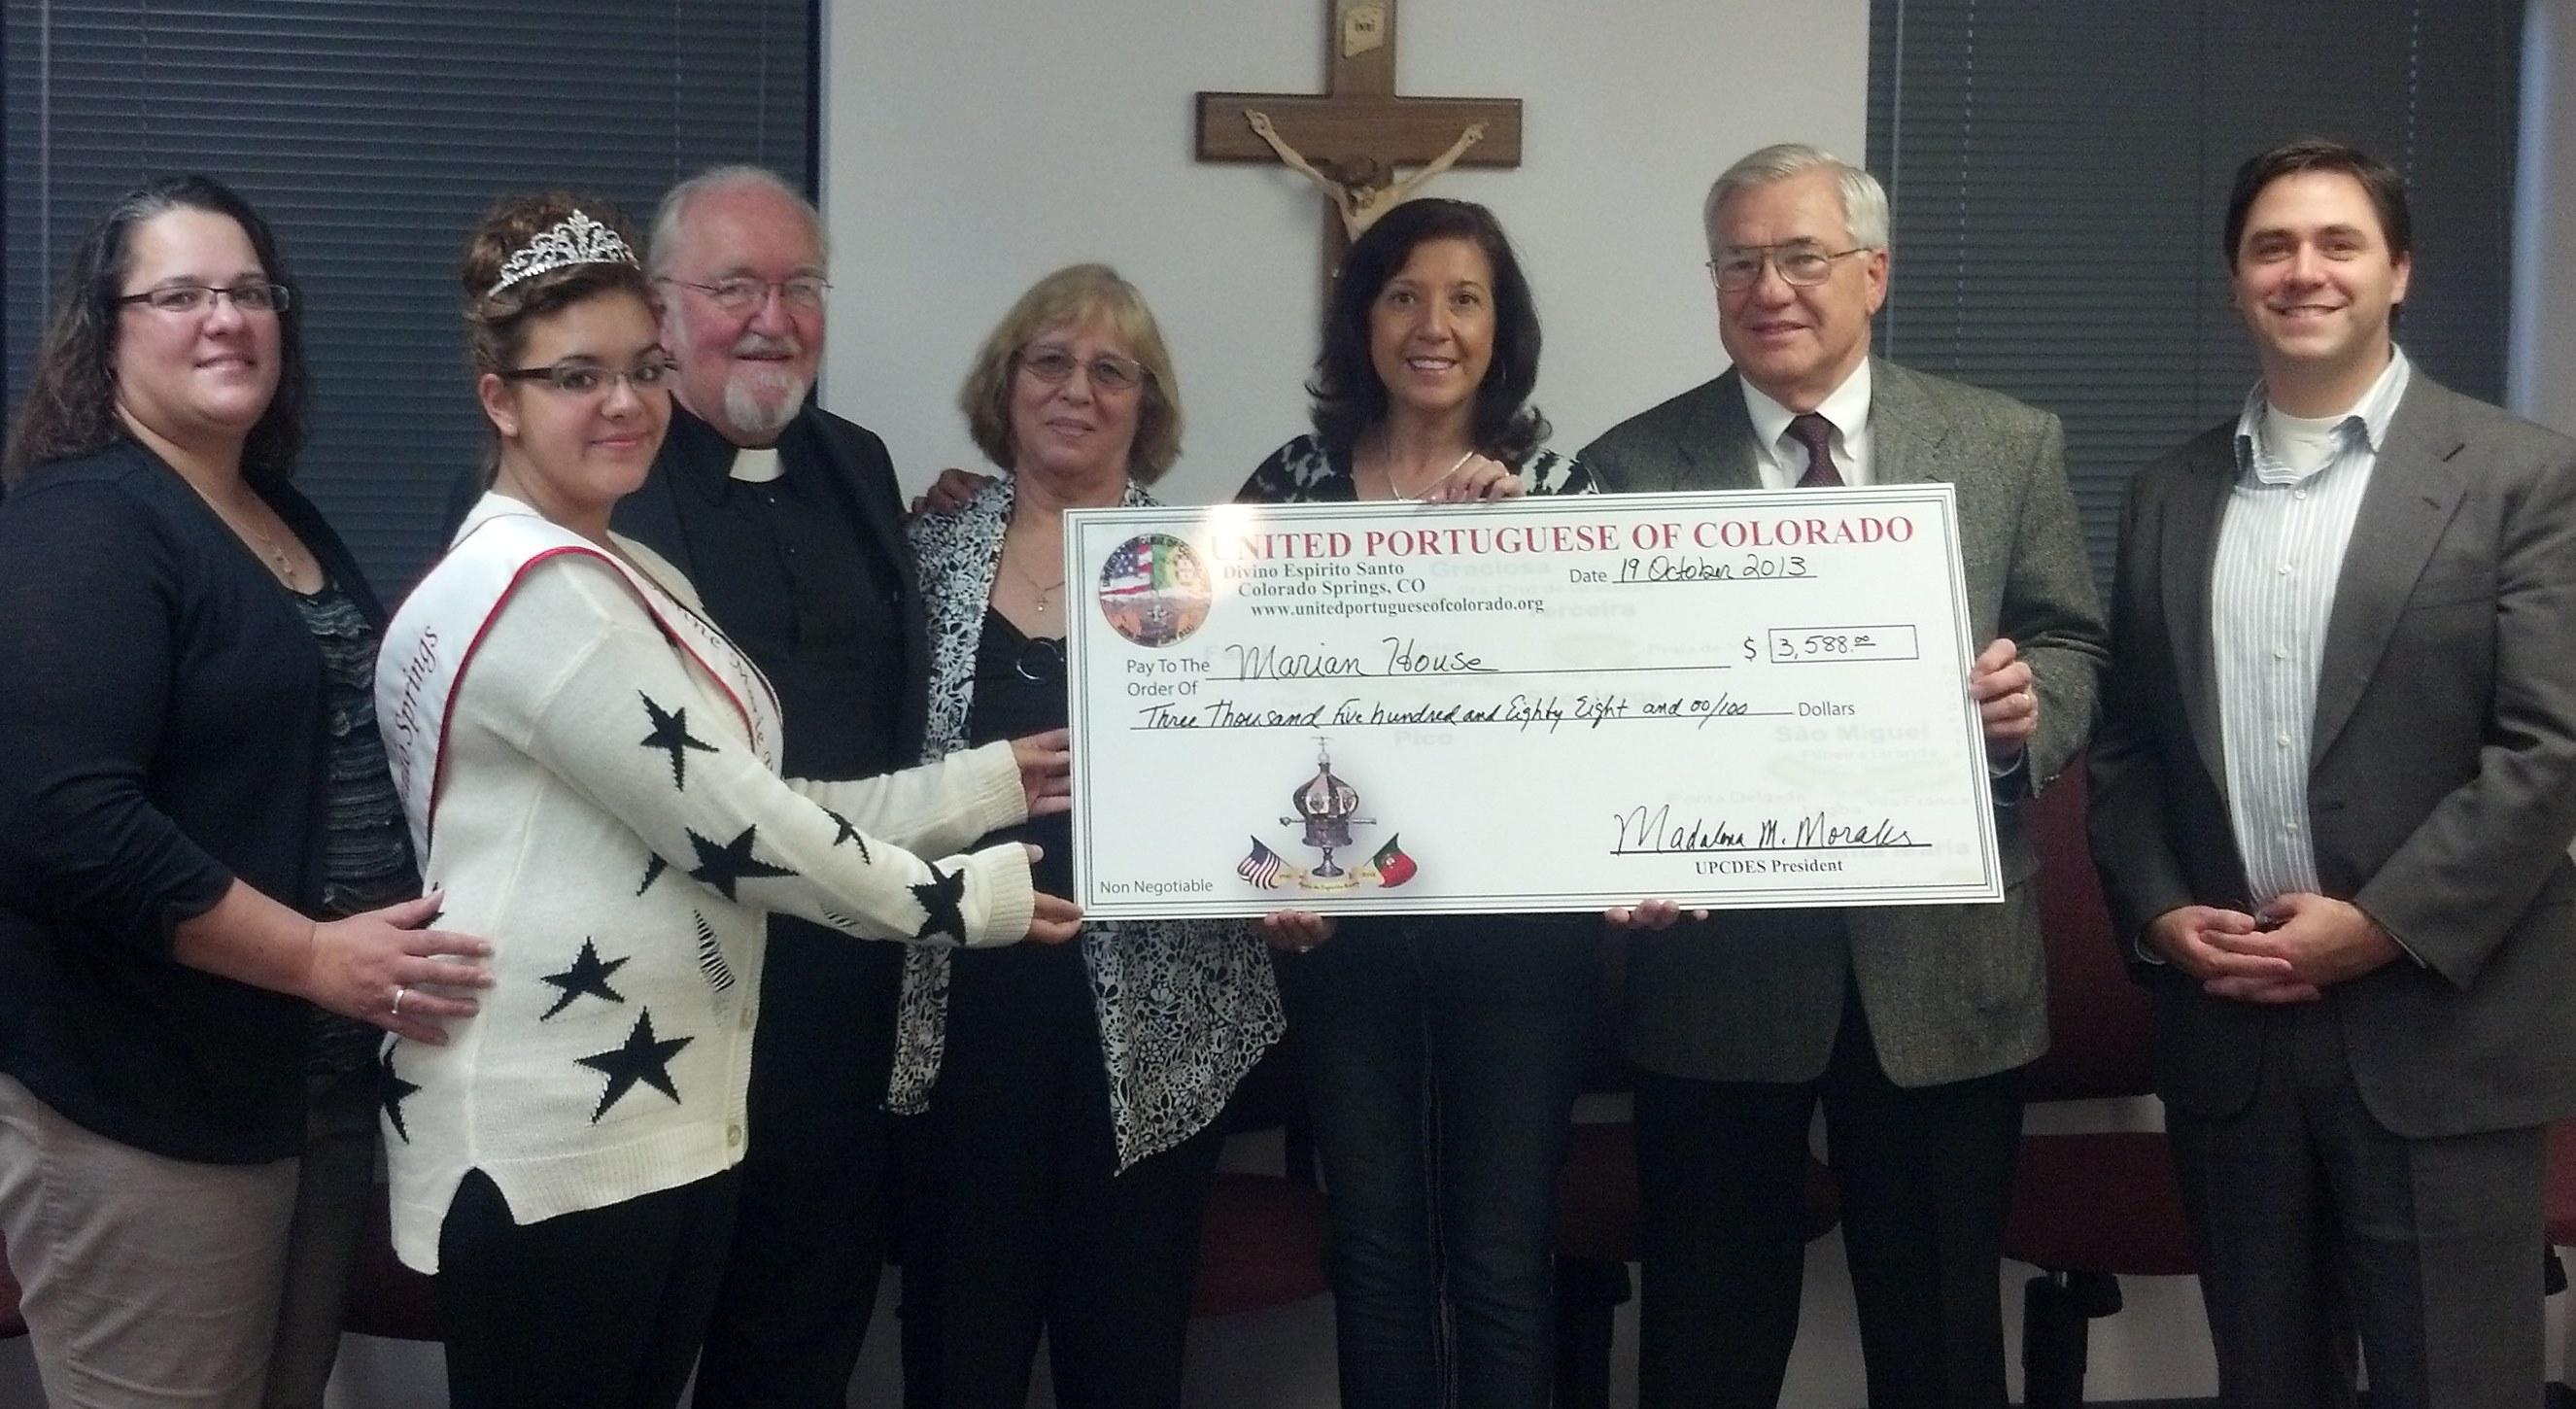 Marian House Donation